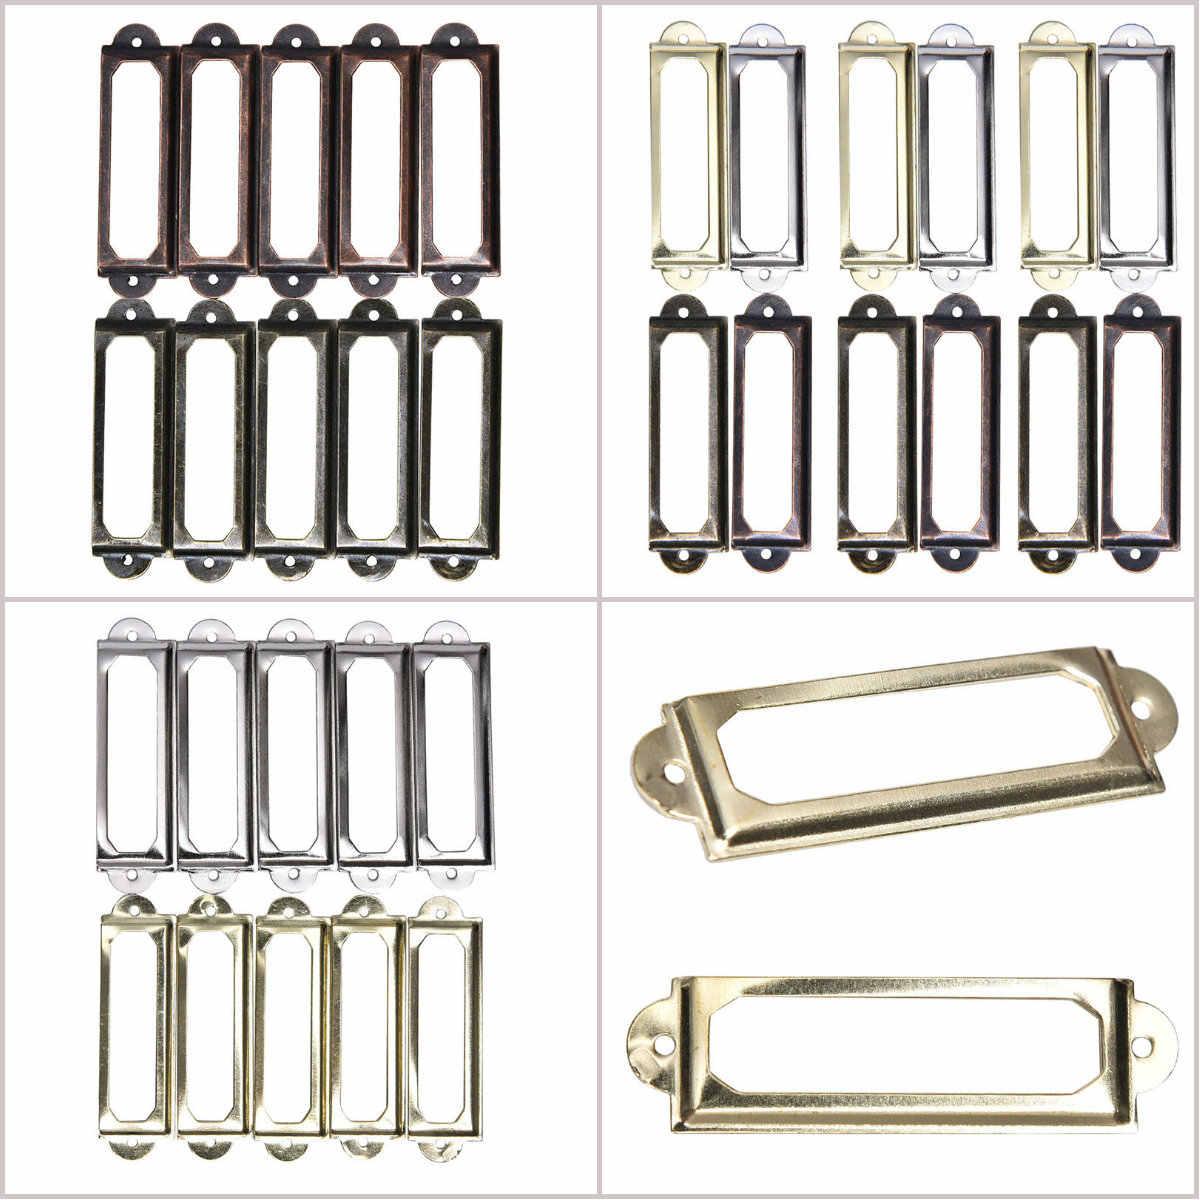 10 Pcs Rótulo de Bronze Antigo do Metal Pull Handle Quadro Titular Do Cartão de Nome de Arquivo Para O Caso Caixa de Gaveta Do Armário Móveis Bin